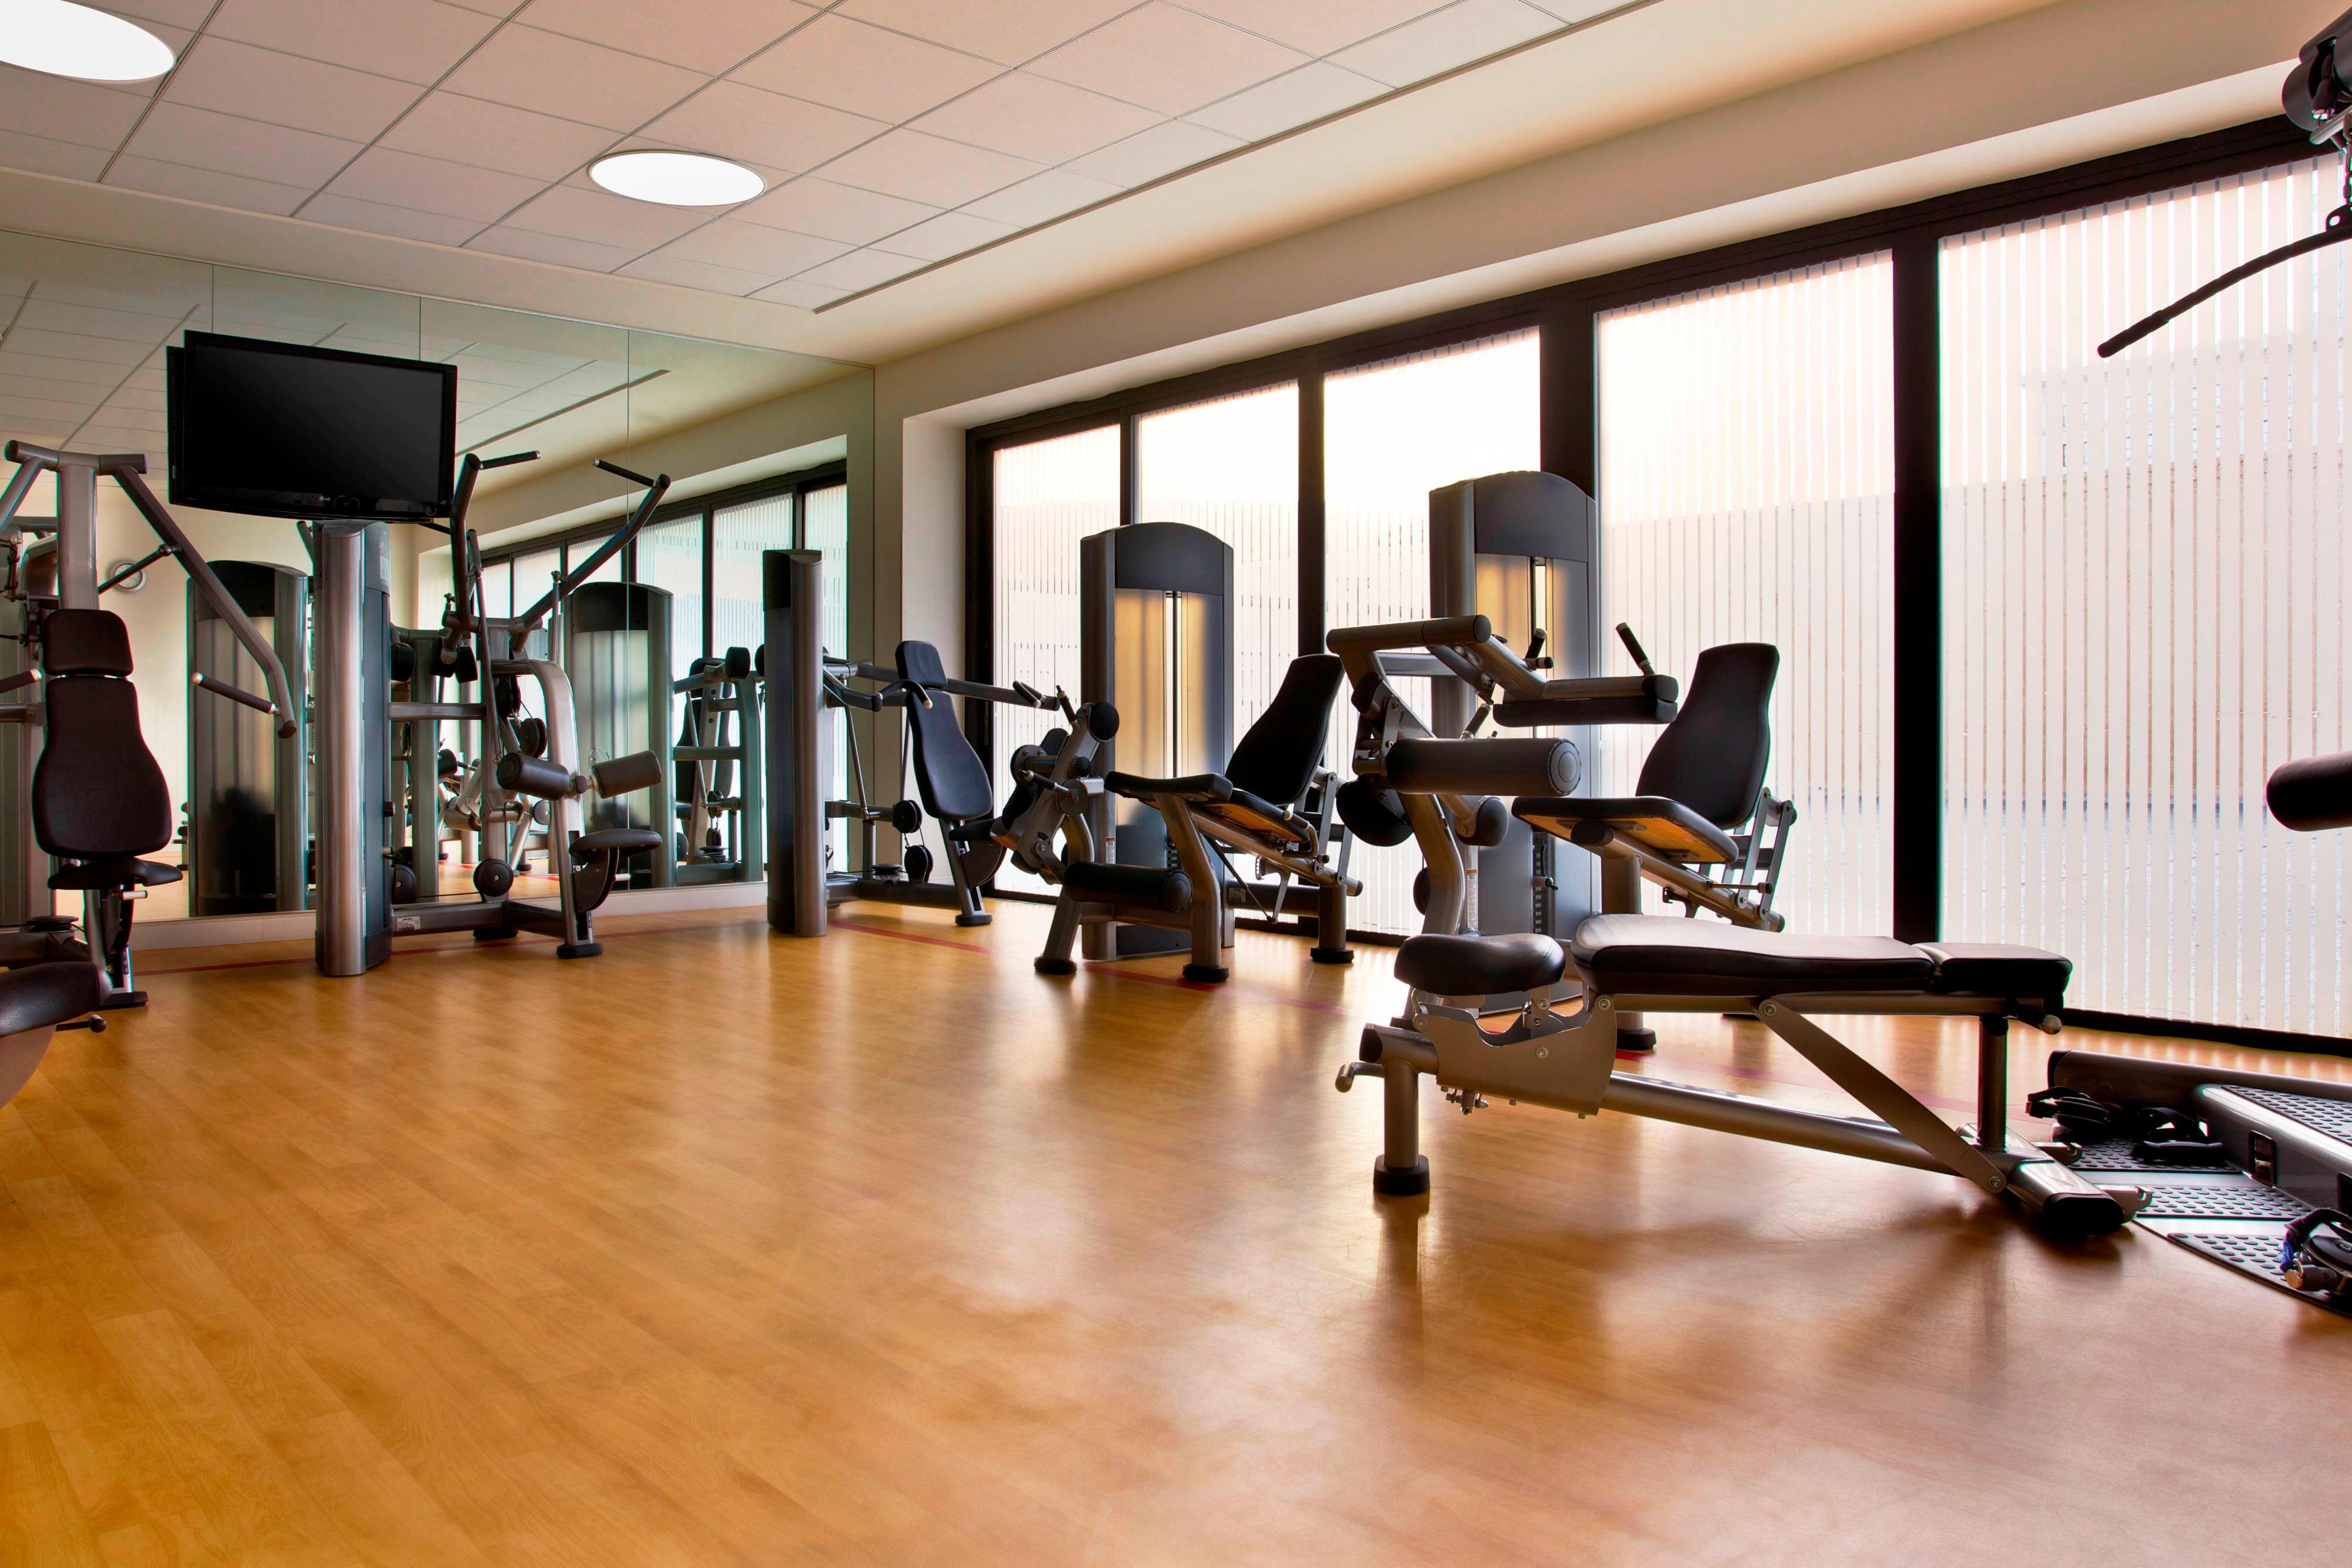 Fitness Center - Center